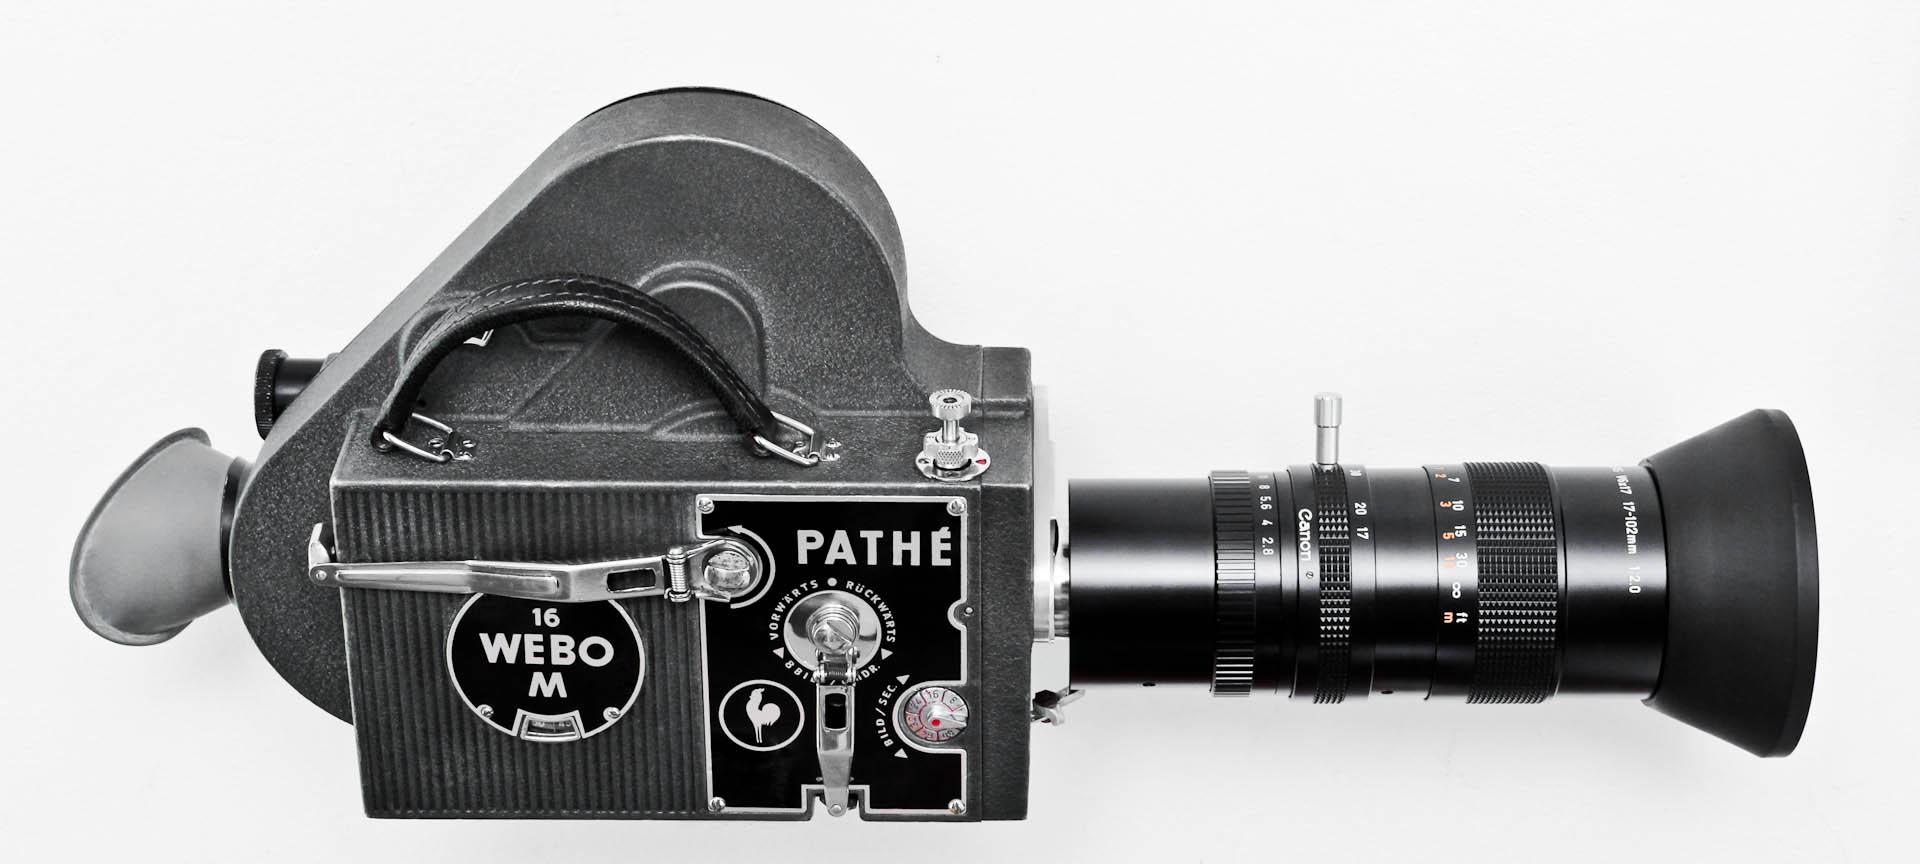 Pathe Webo 16 M -  (10 von 11)